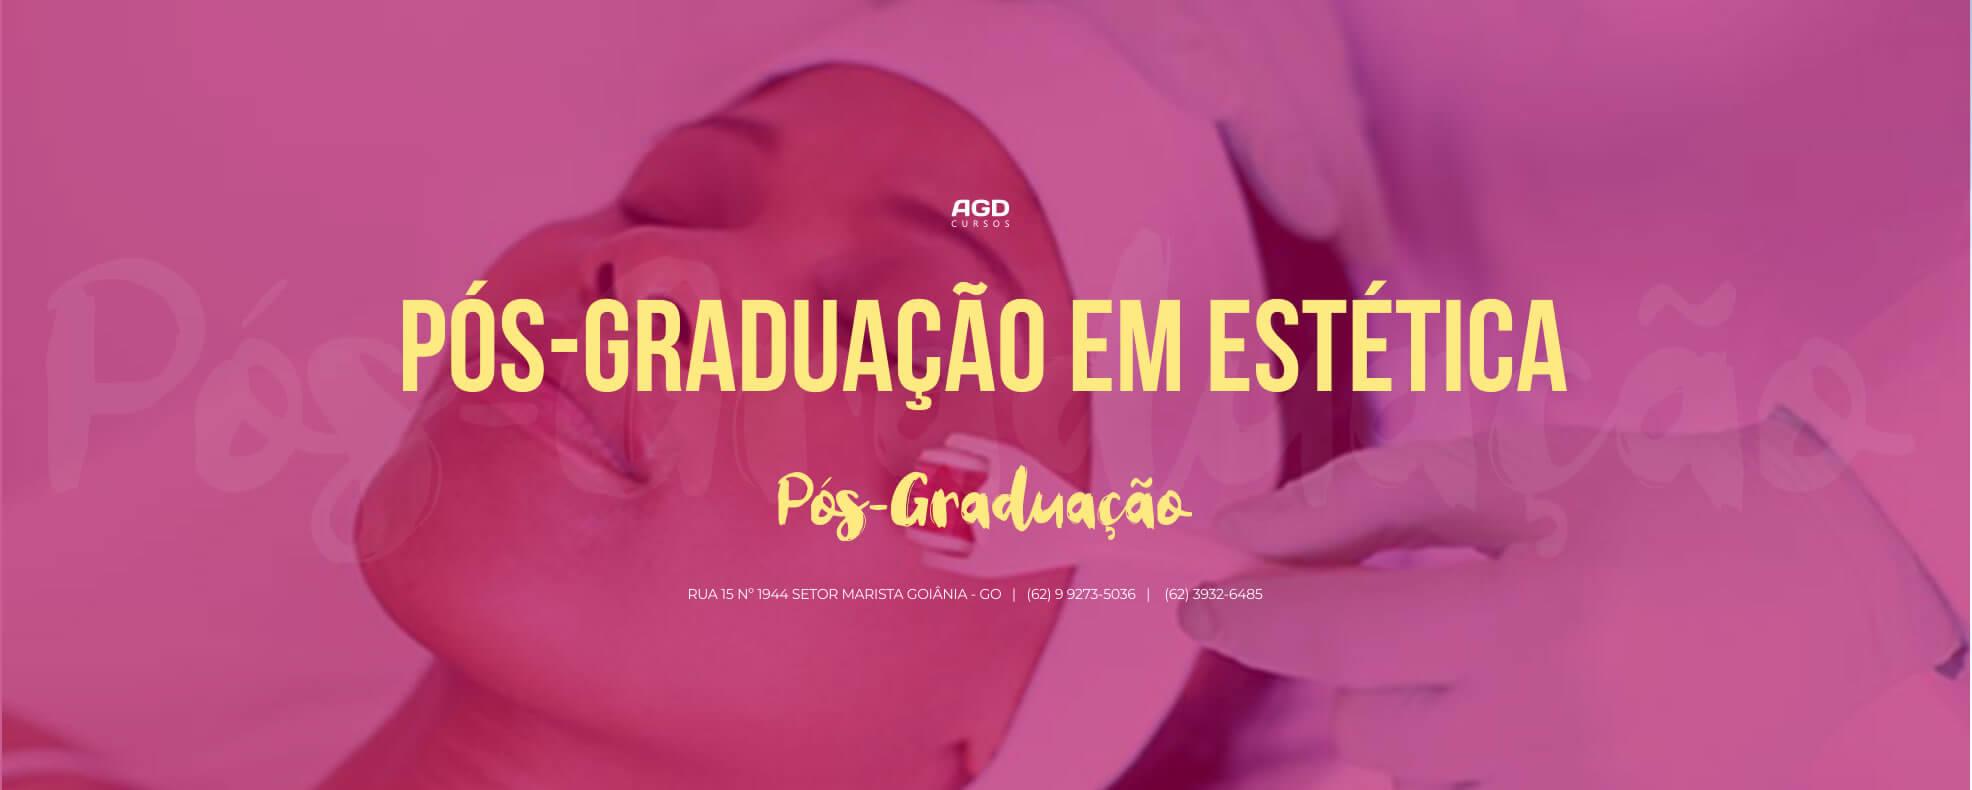 Pós-Graduação em Estética